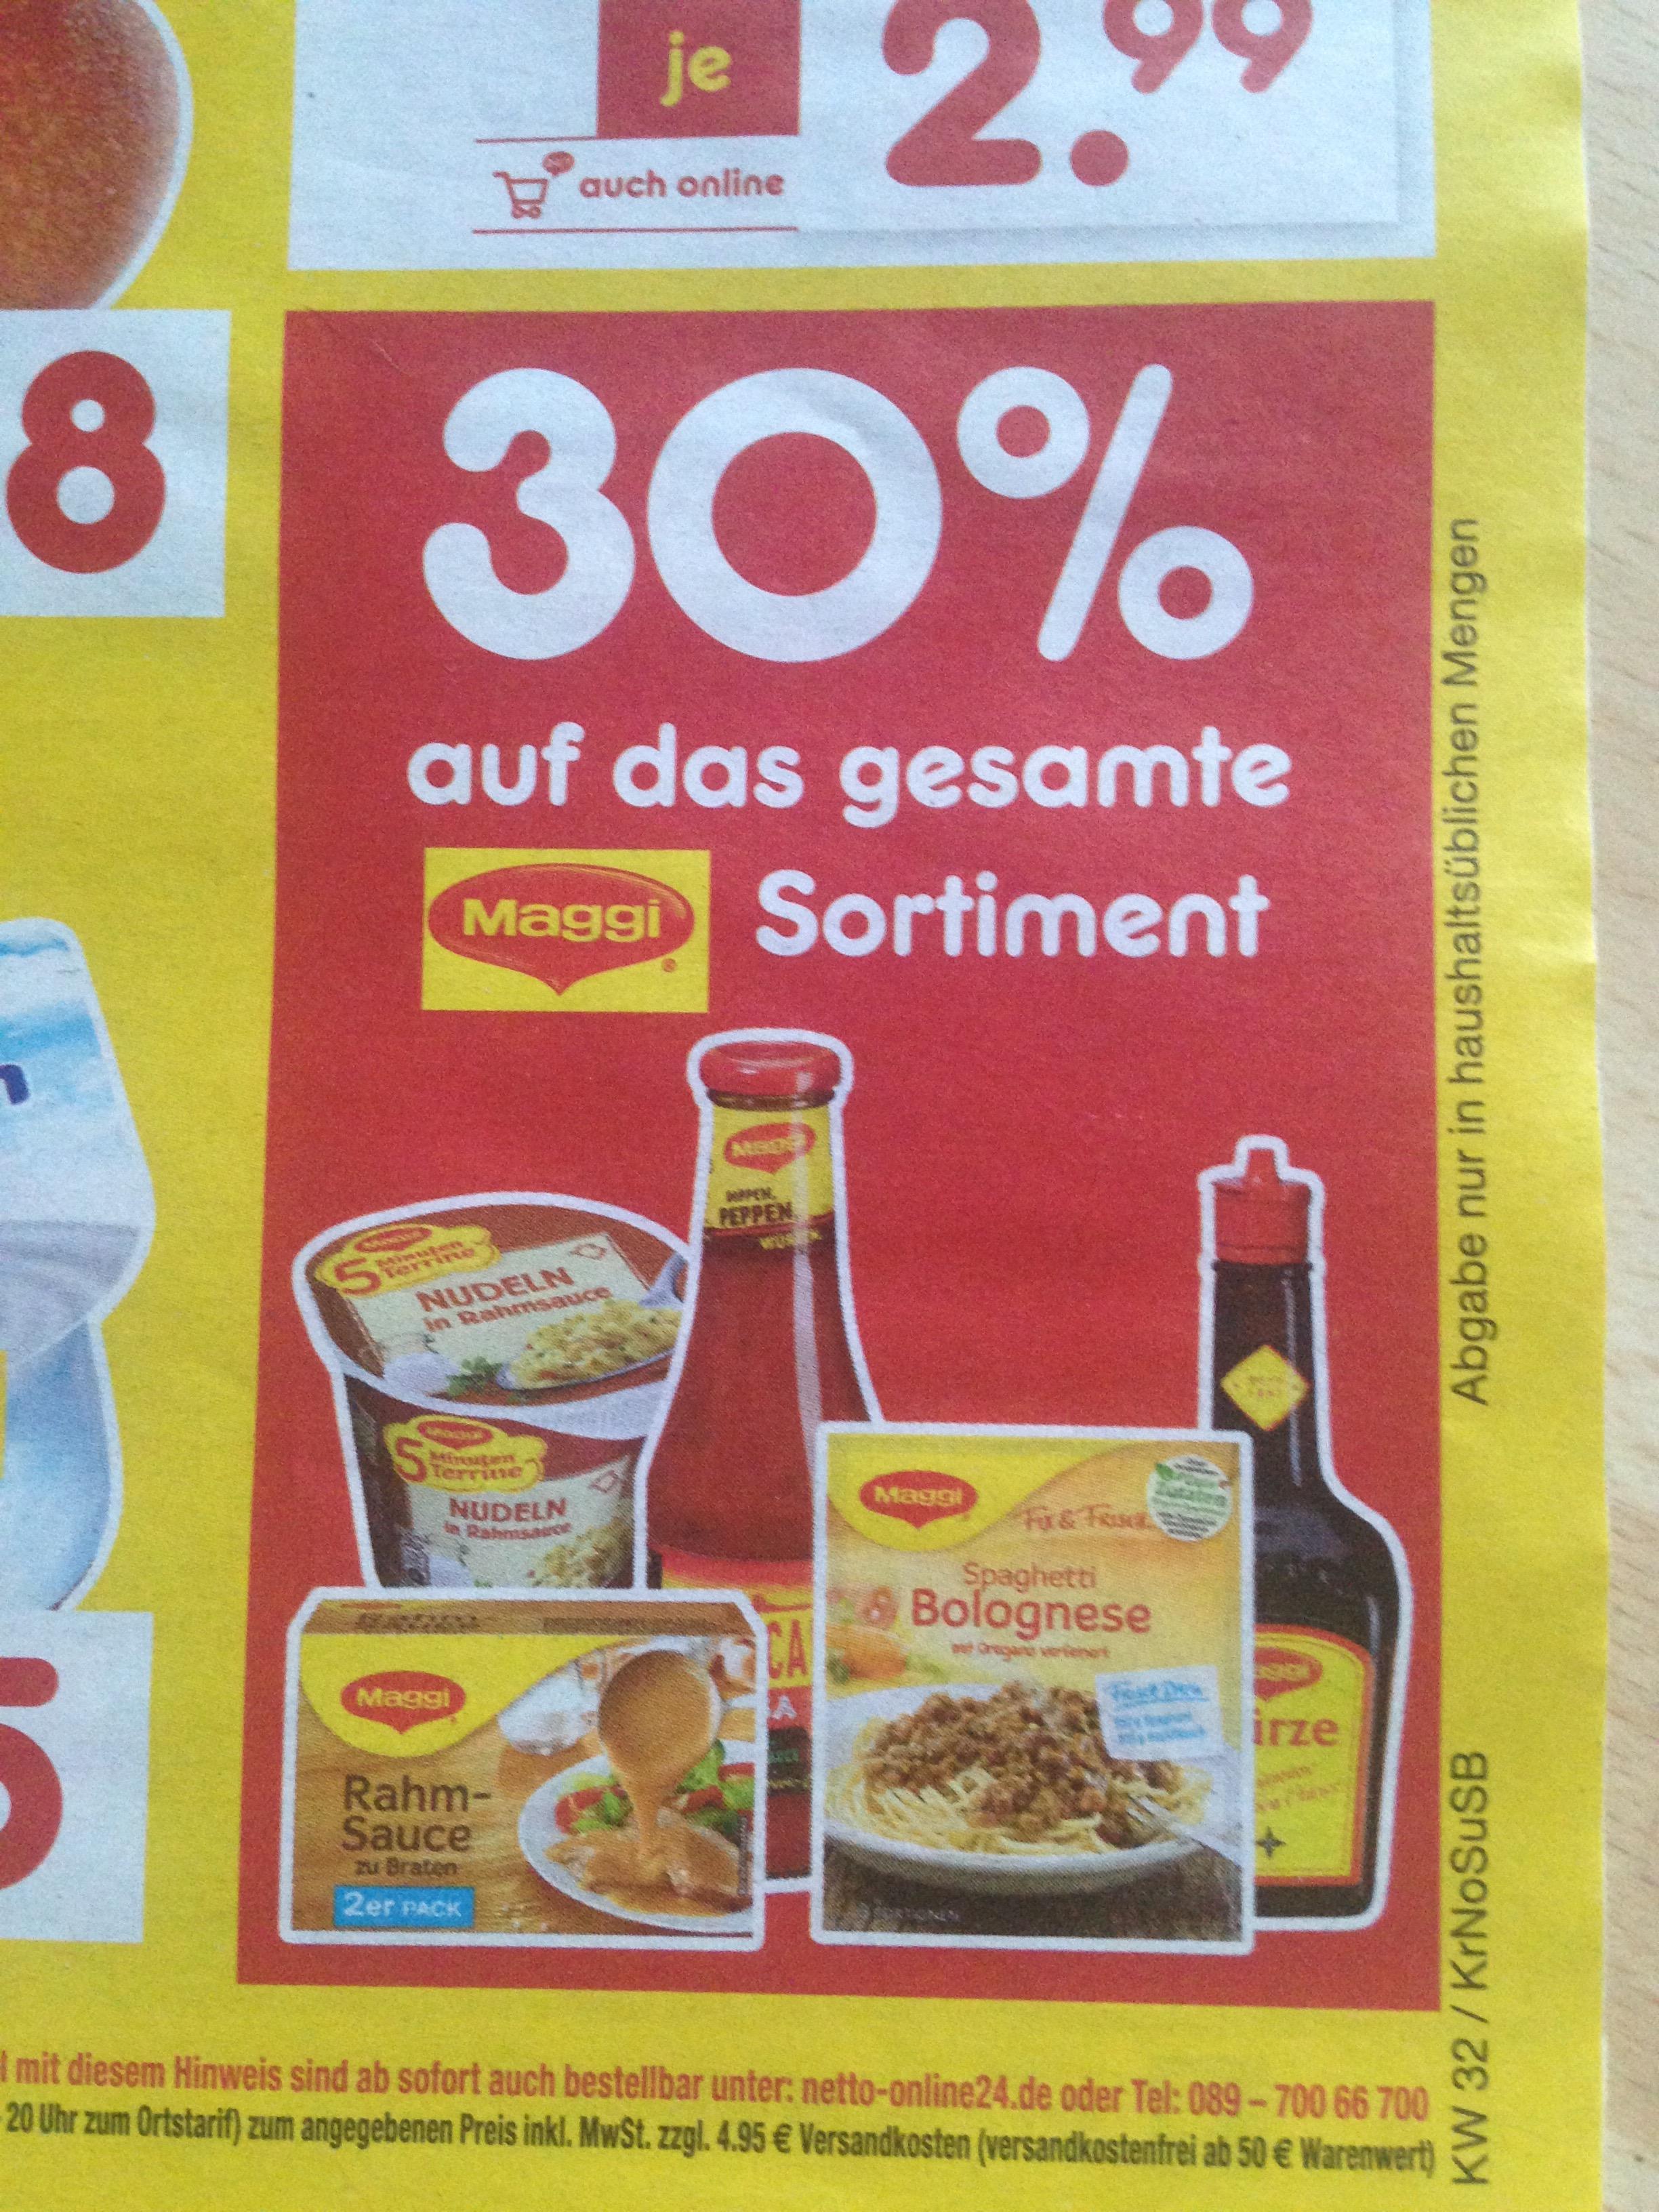 Maggi 30% günstiger bei Netto MD